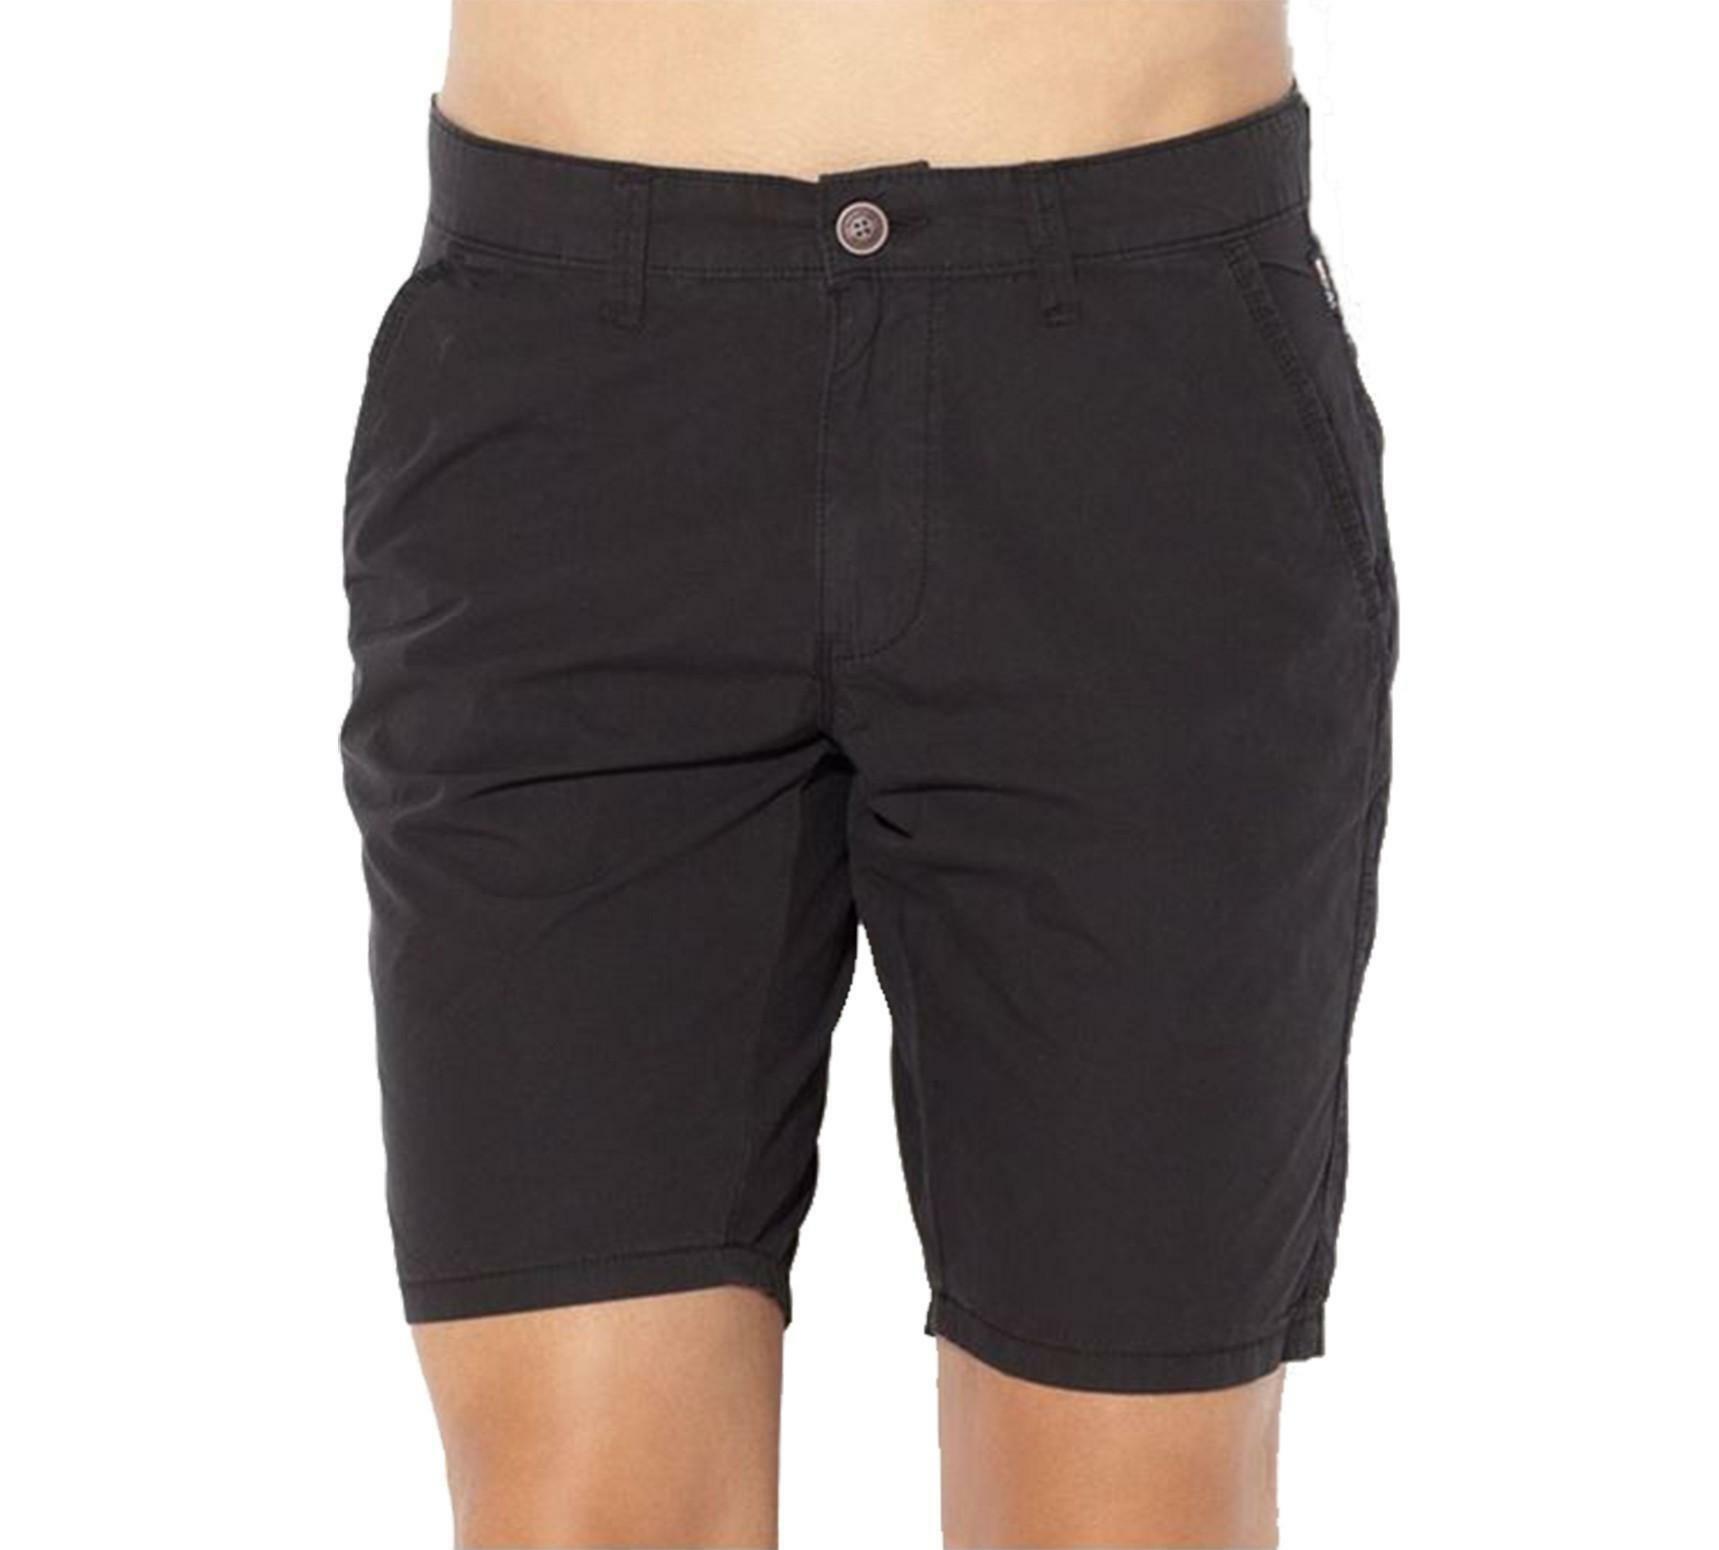 napapijri napapijri nakuru pantaloncini uomo neri n0yhf8041